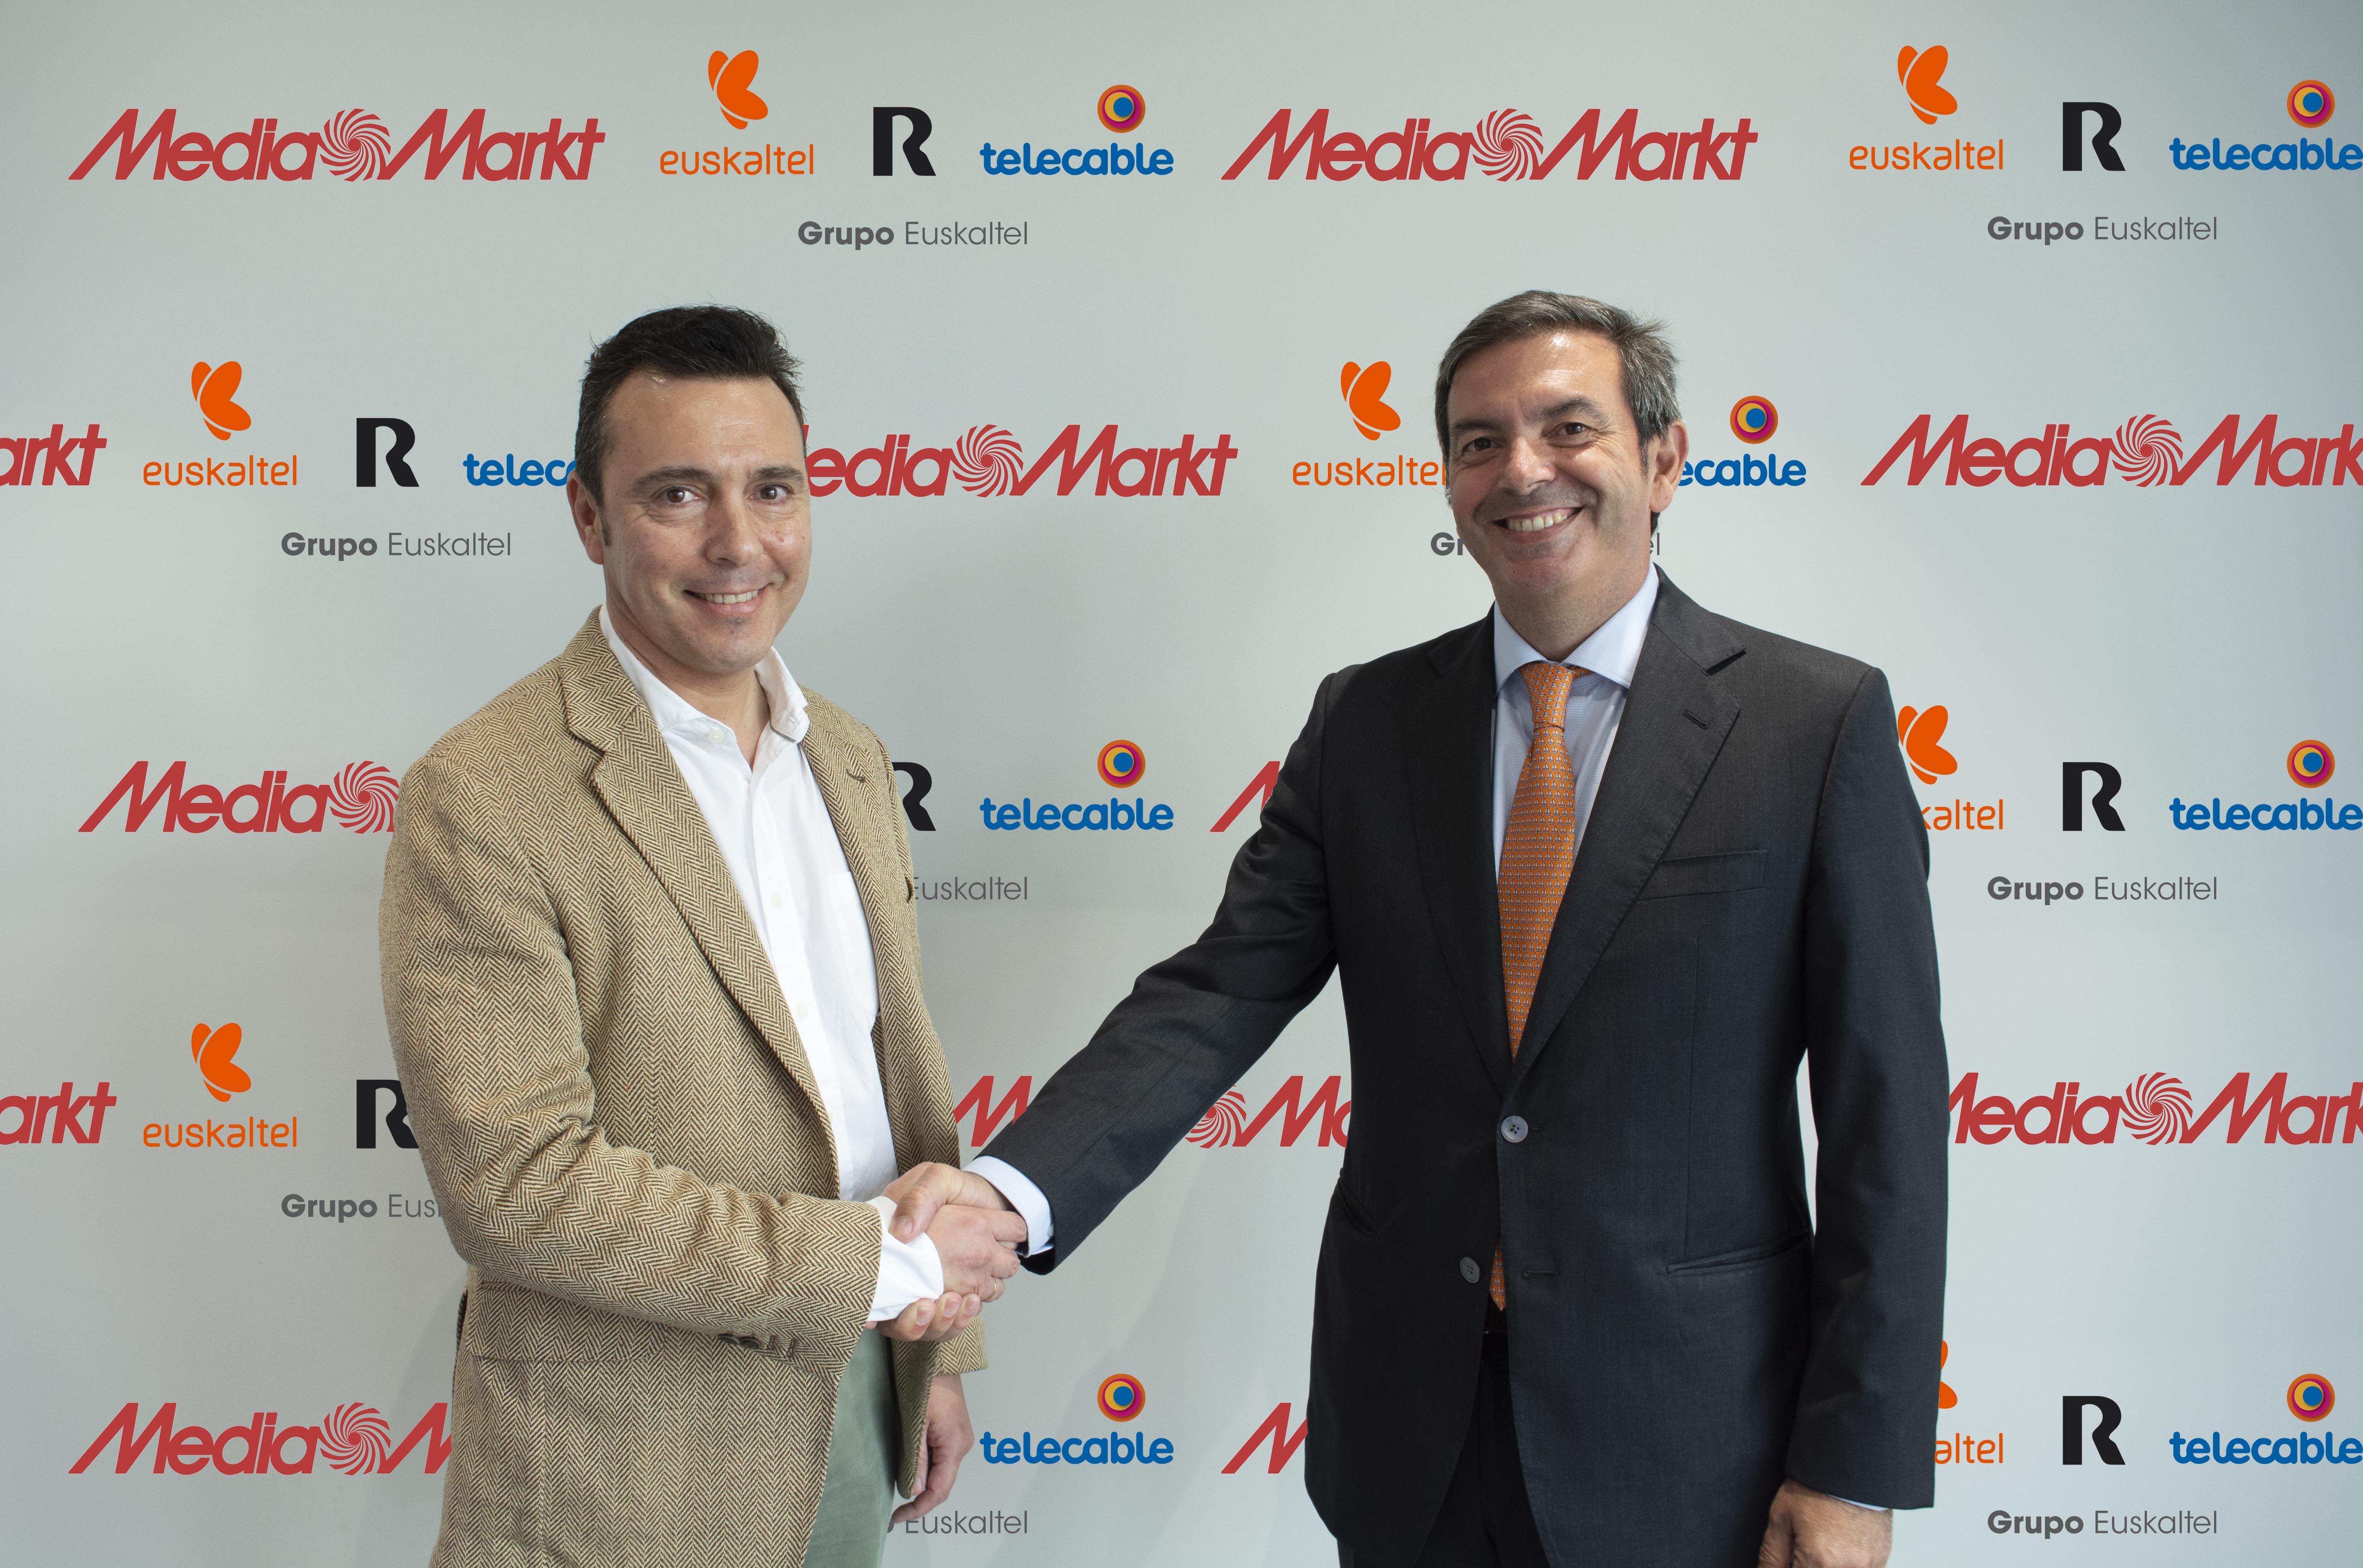 2019-04-26-Acuerdo-Grupo-Euskaltel-MediaMarkt-Alberto-Álvarez-y-Francisco-Arteche